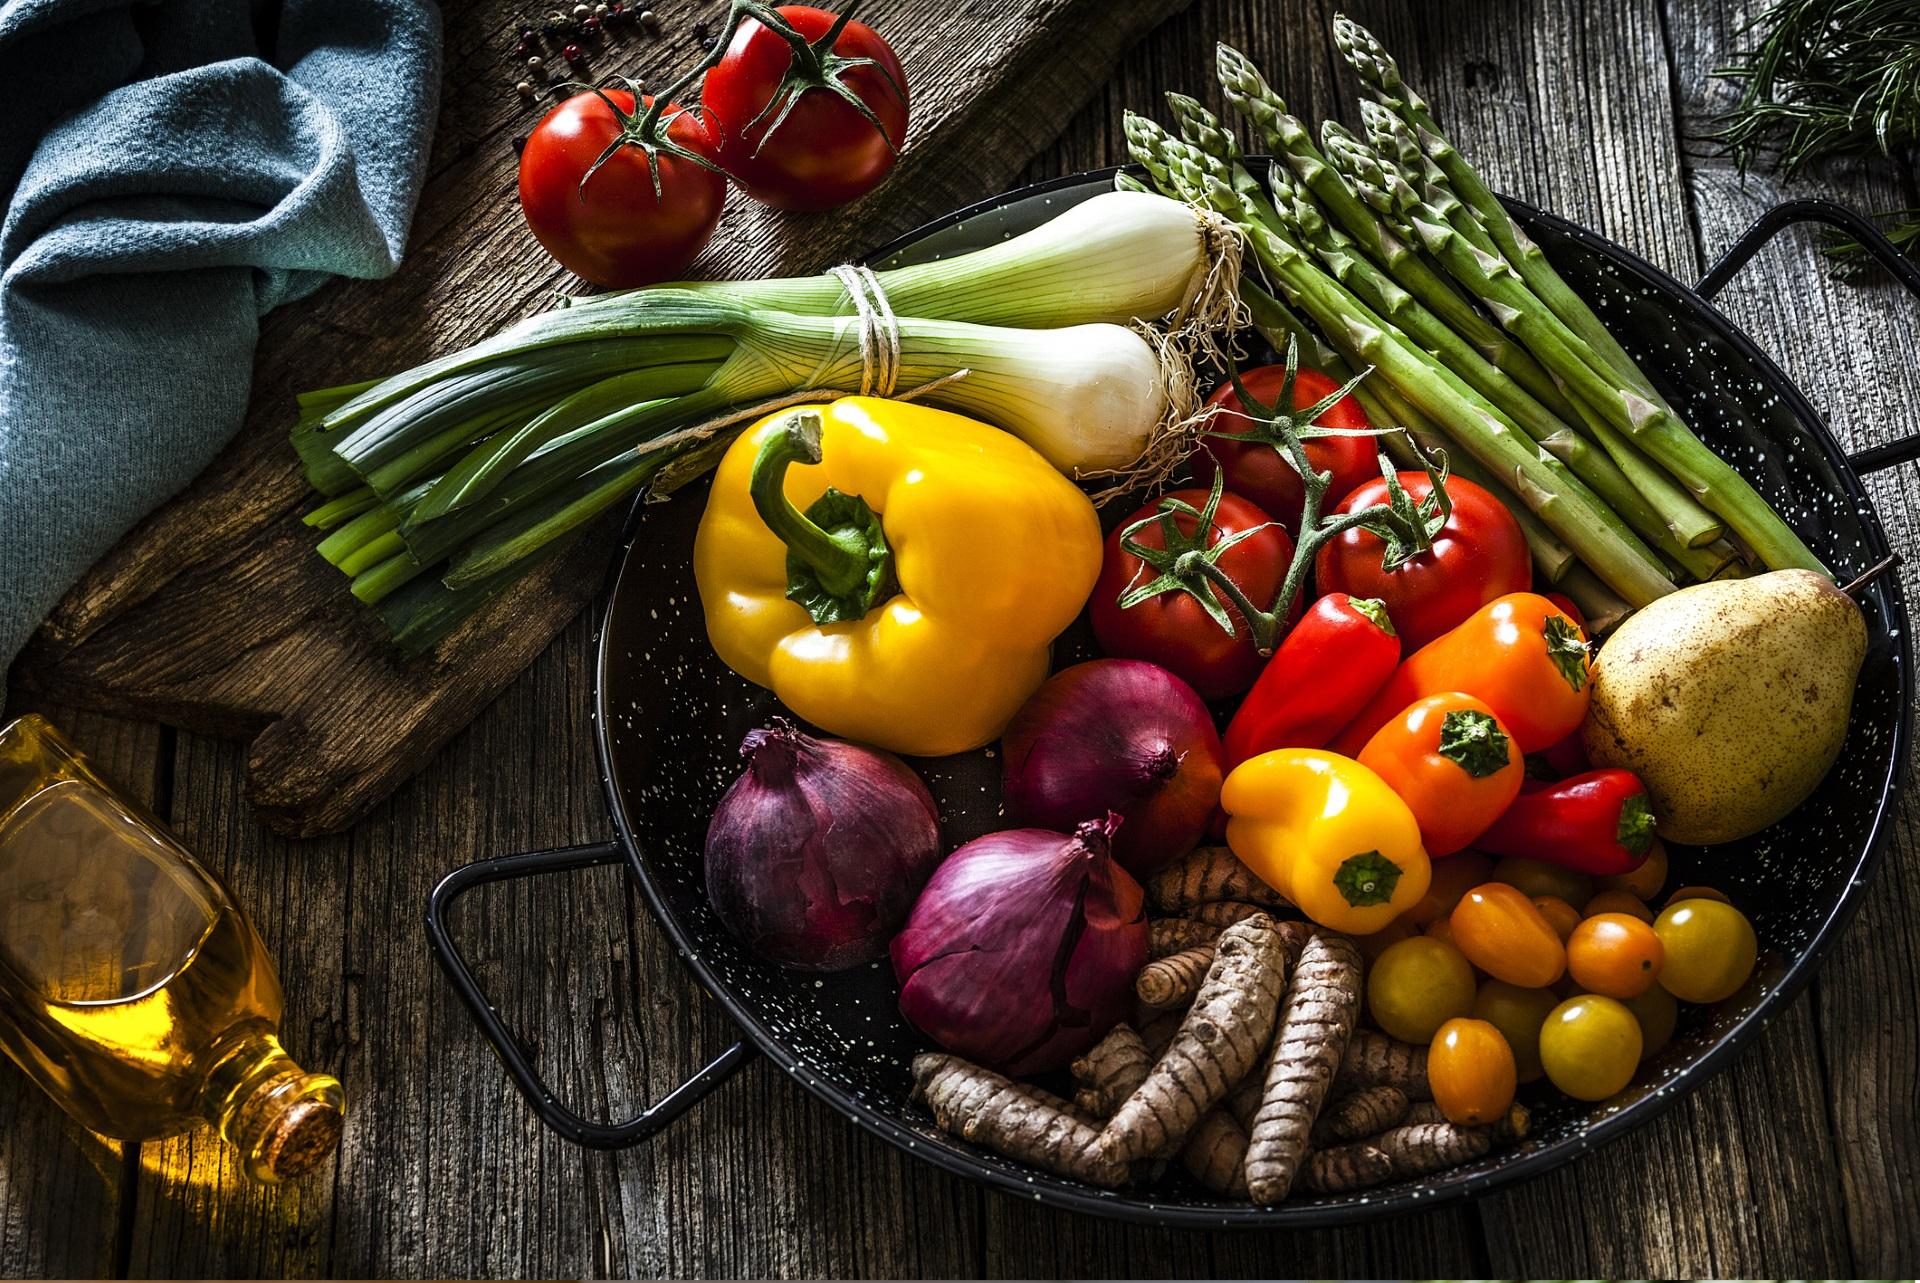 <p><strong>Яжте повече храна на растителна основа</strong></p>  <p>Нека зеленчуците заемат половината или повече от чинията ви, а месото &ndash; не повече от една четвърт. Увеличете приема на риба, използвайте зехтин и яжте ядки, семена, авокадо заради здравословните им мазнини.</p>